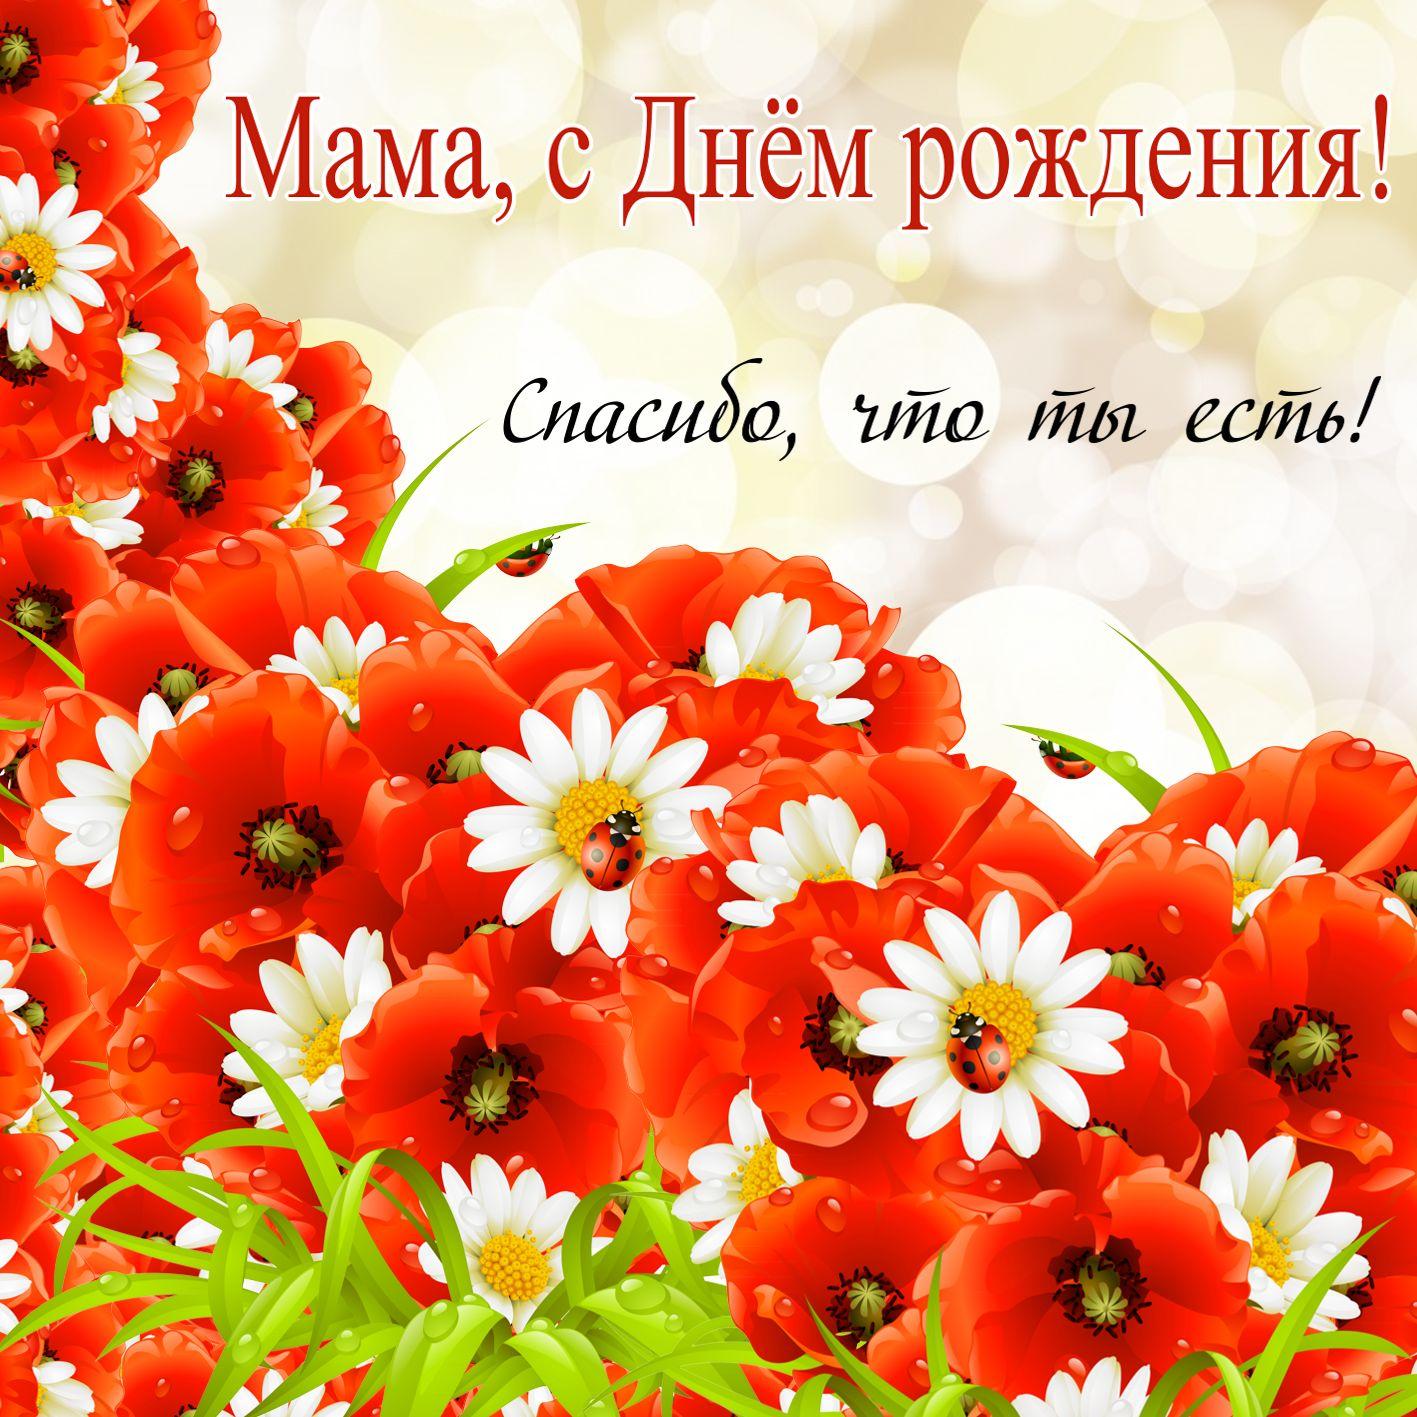 Фото открытки для мамы с днем рождения